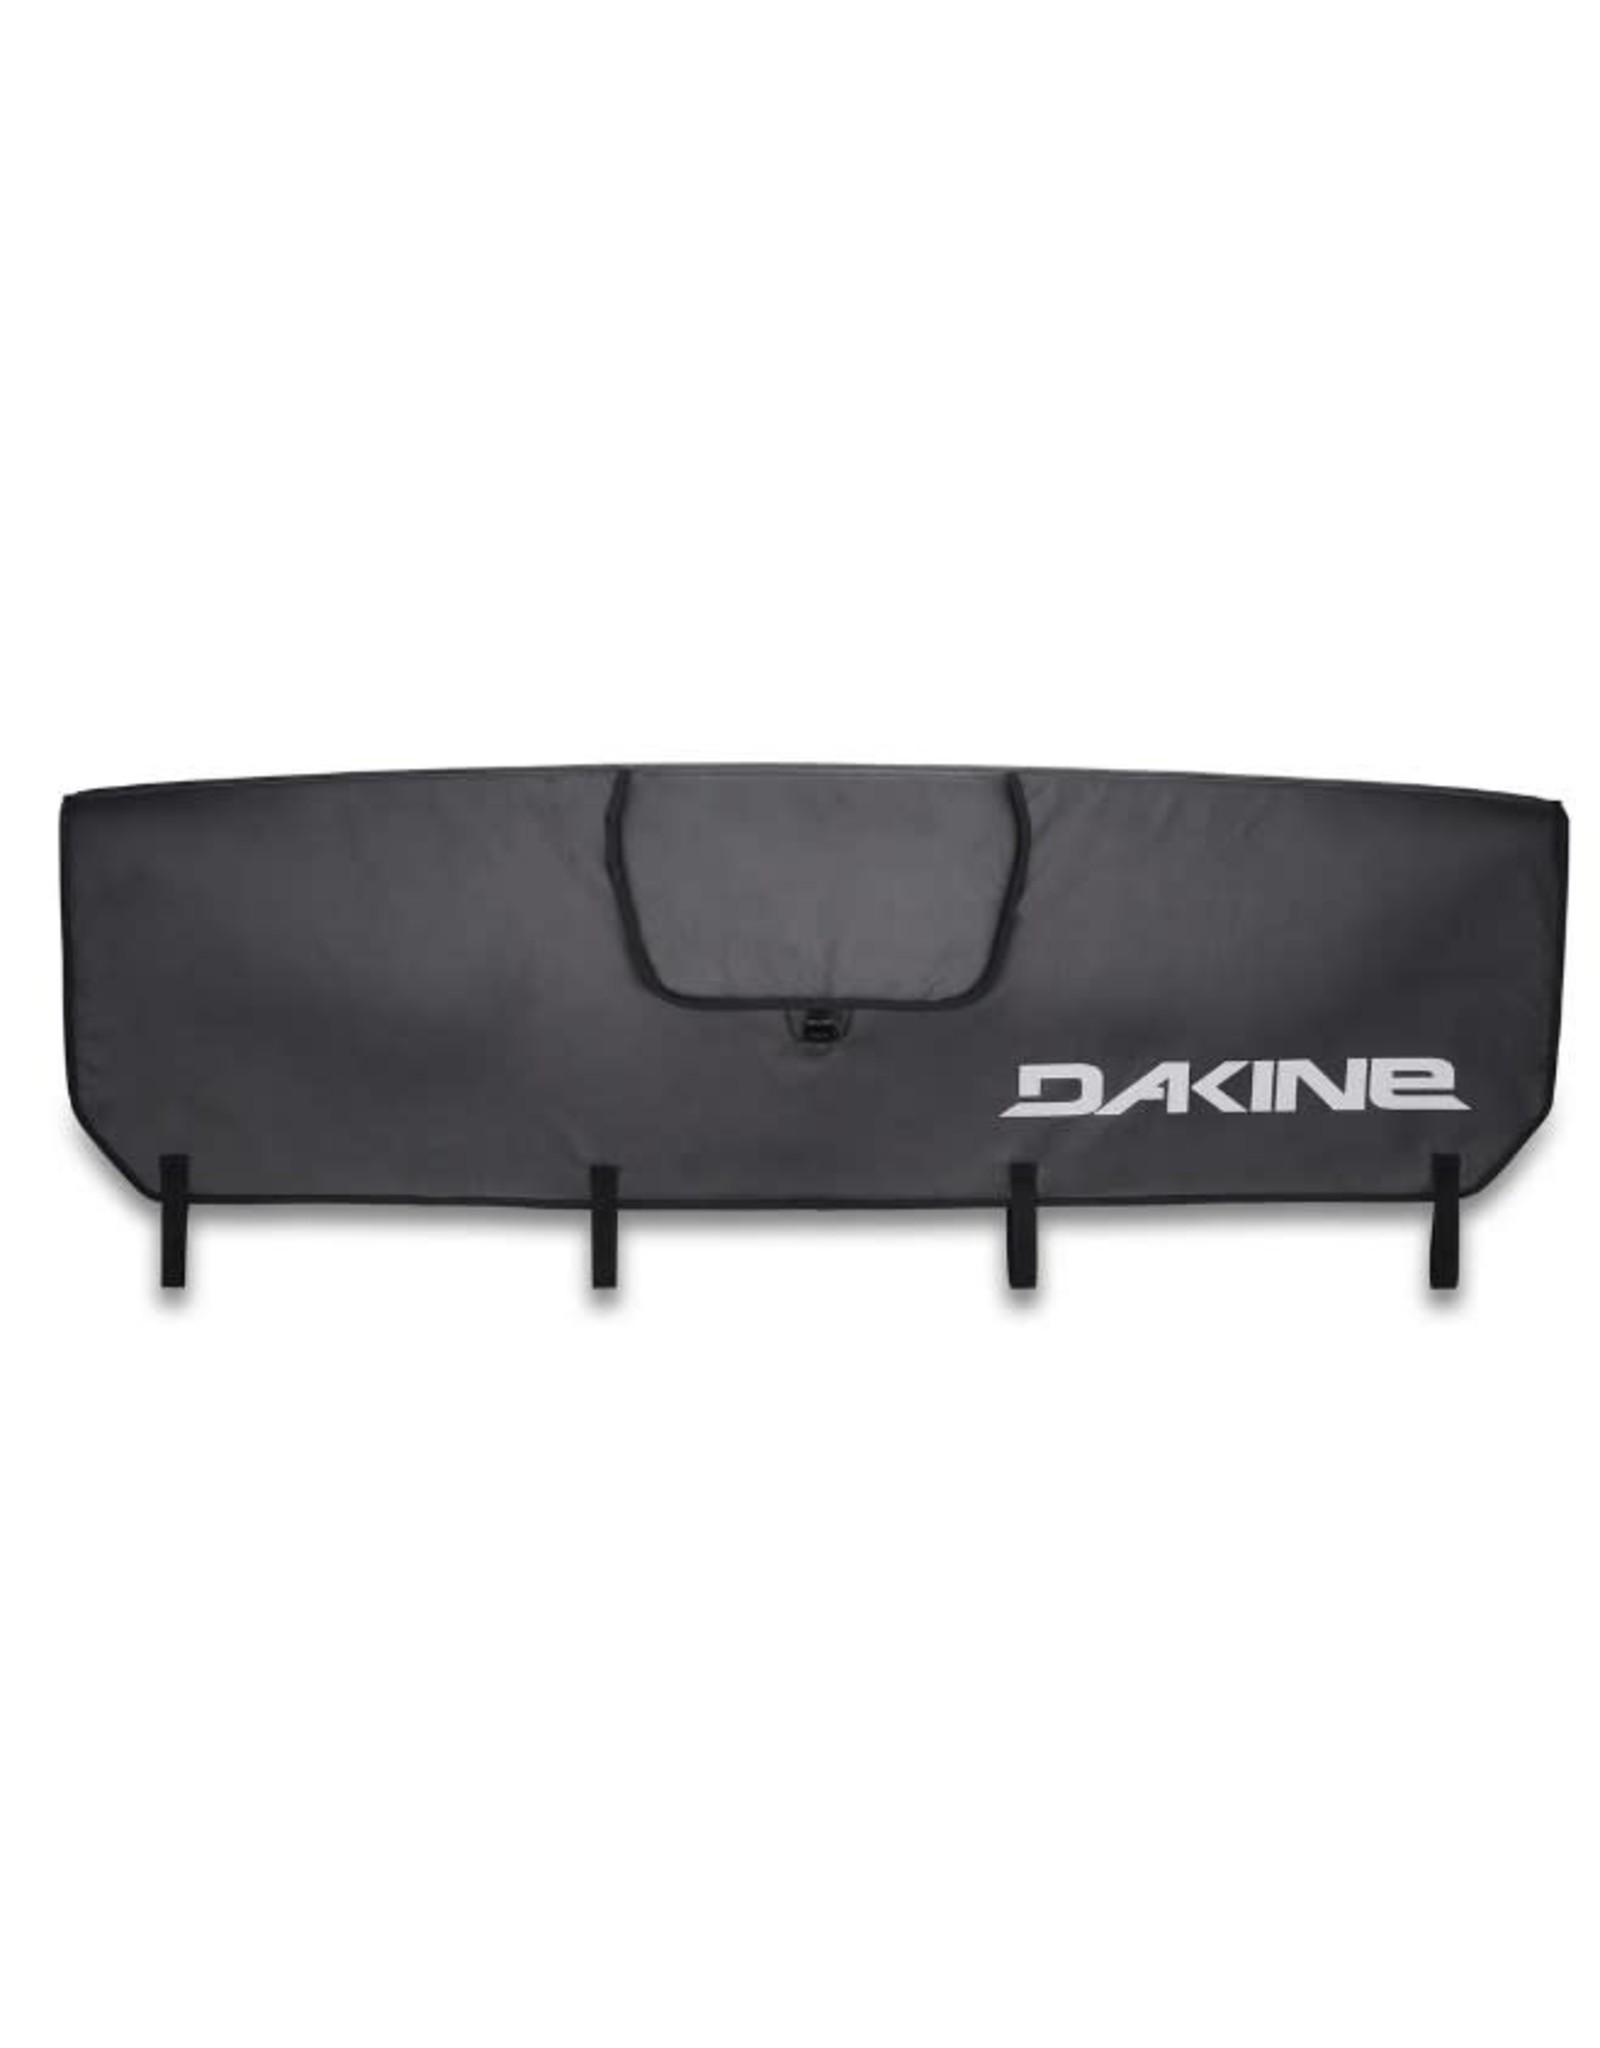 Dakine Panneau Tailgate Dakine DLX curve (pick-up pad) noir Large